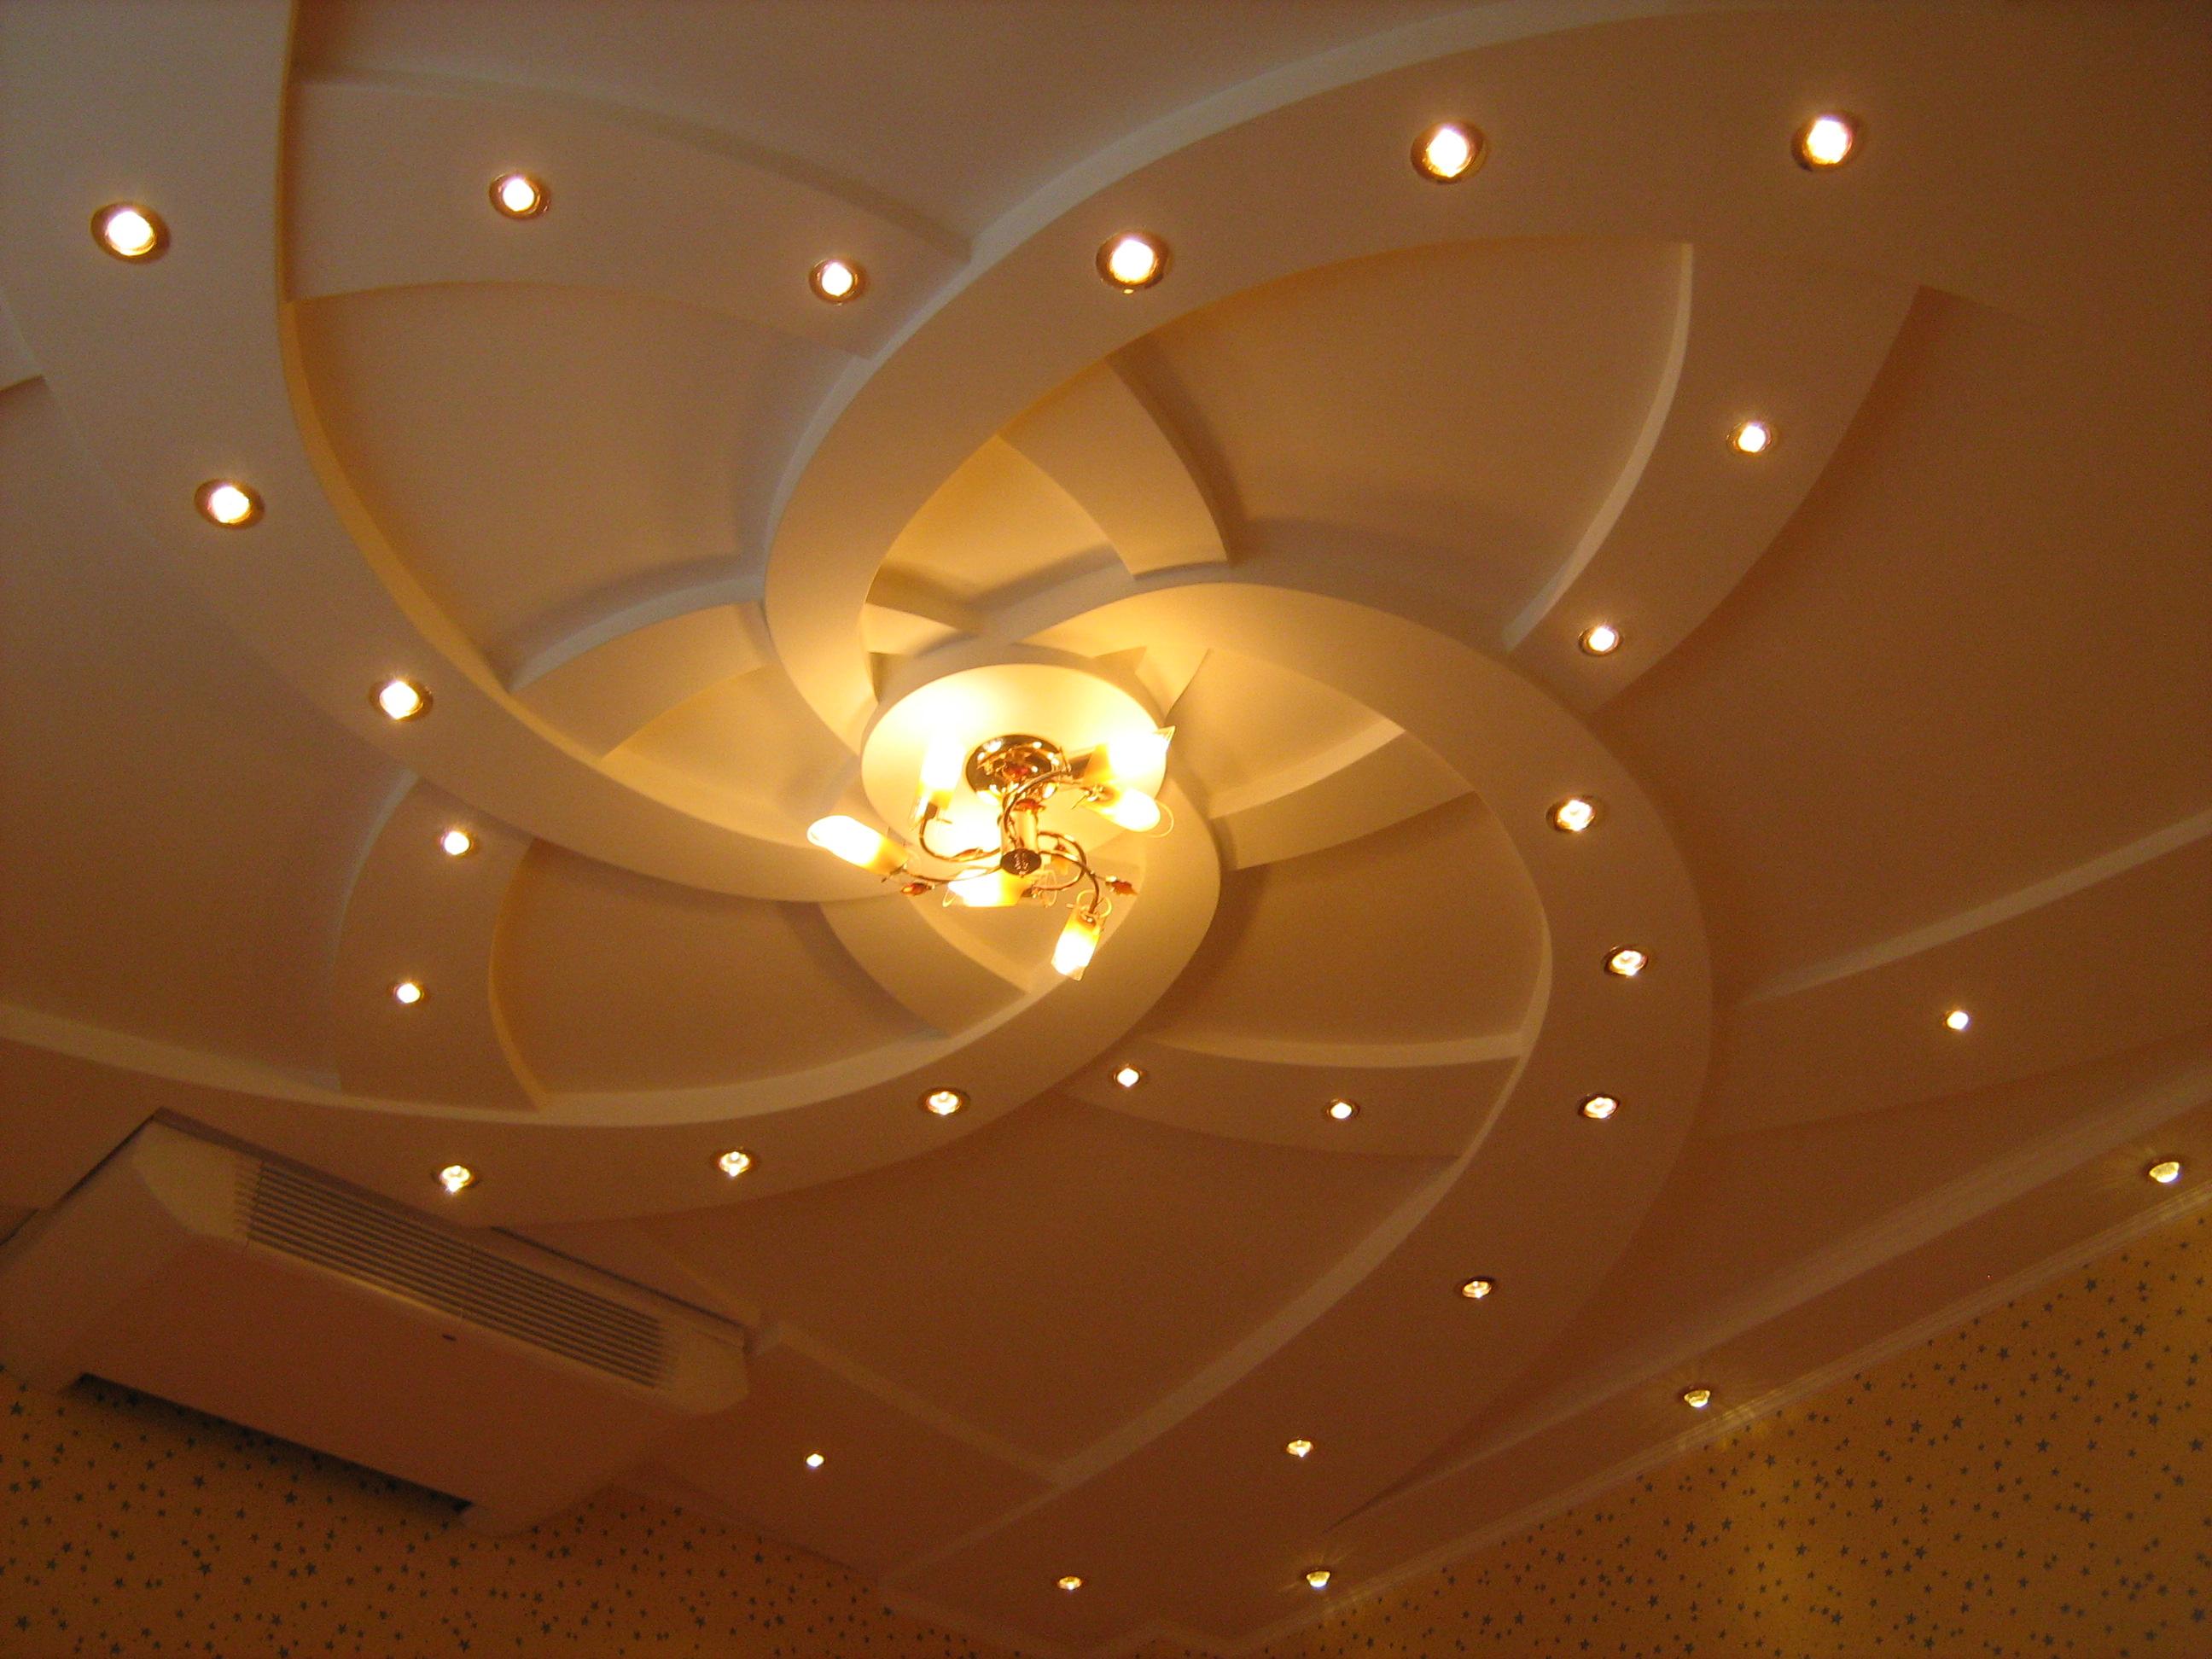 Фотографии образцов дизайна разноуровневых потолков из гипсокартона